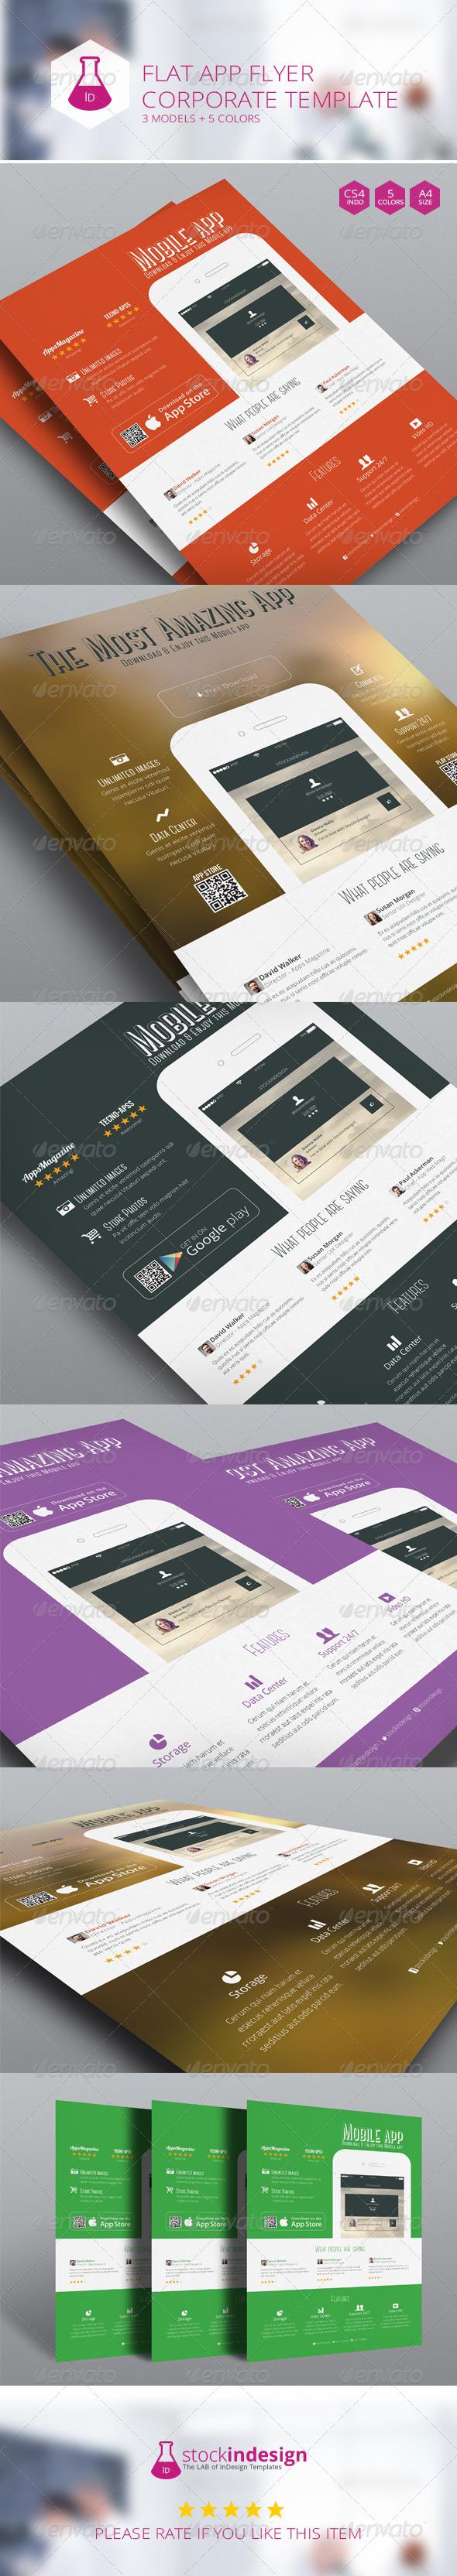 Flat App Flyer